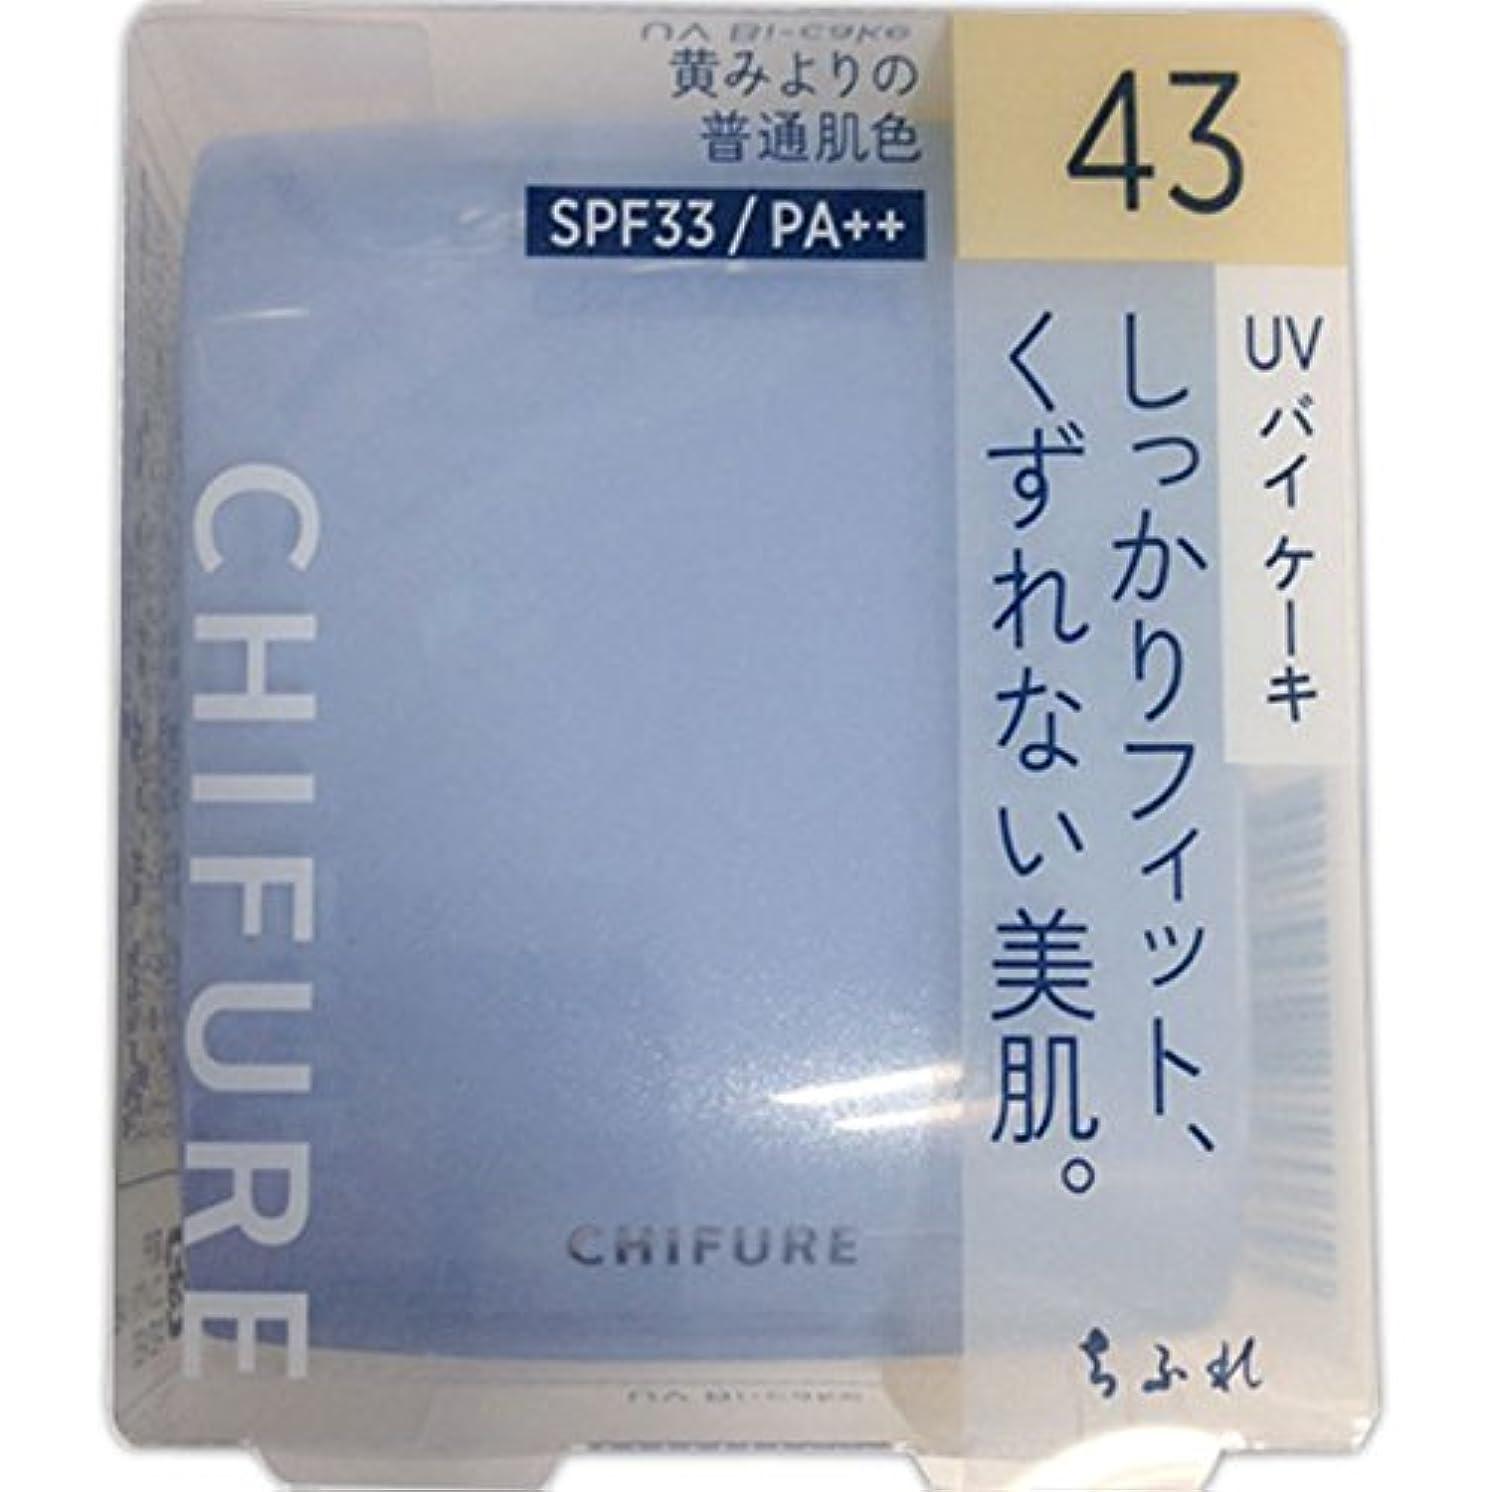 履歴書アニメーション幻影ちふれ化粧品 UV バイ ケーキ(スポンジ入り) 43 黄みよりの普通肌色 43